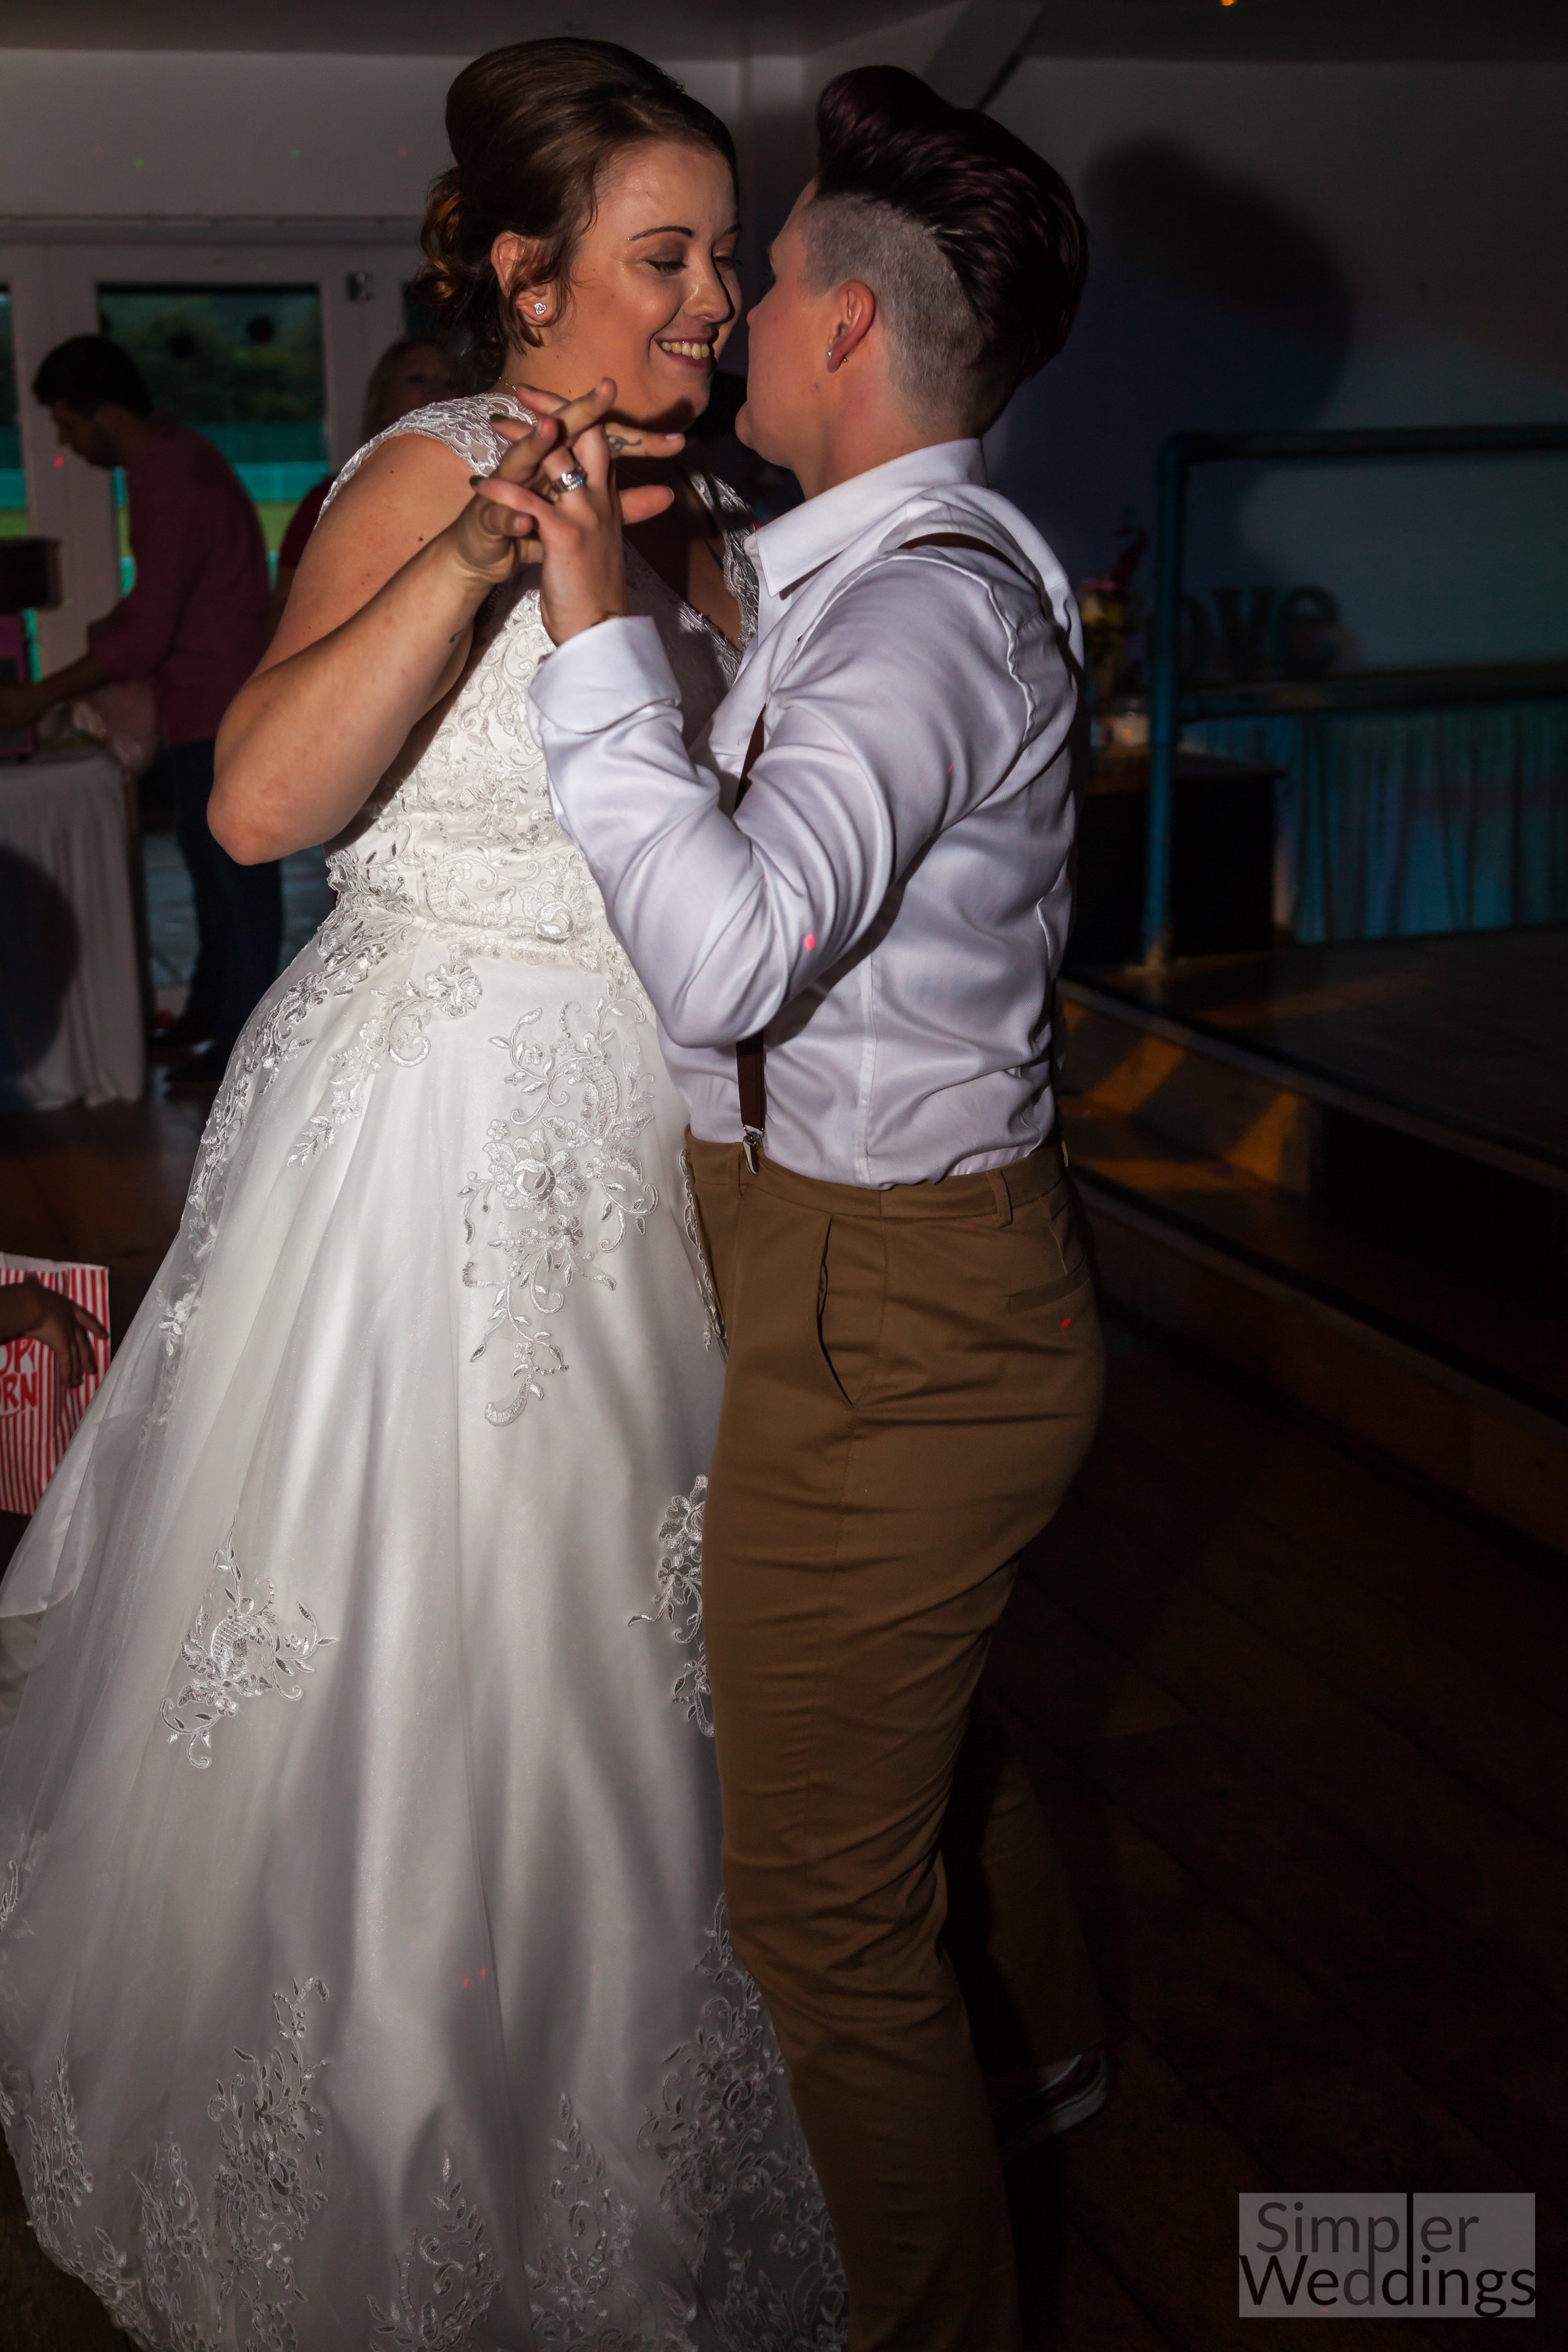 simpler-weddings-high-res-6337.jpg